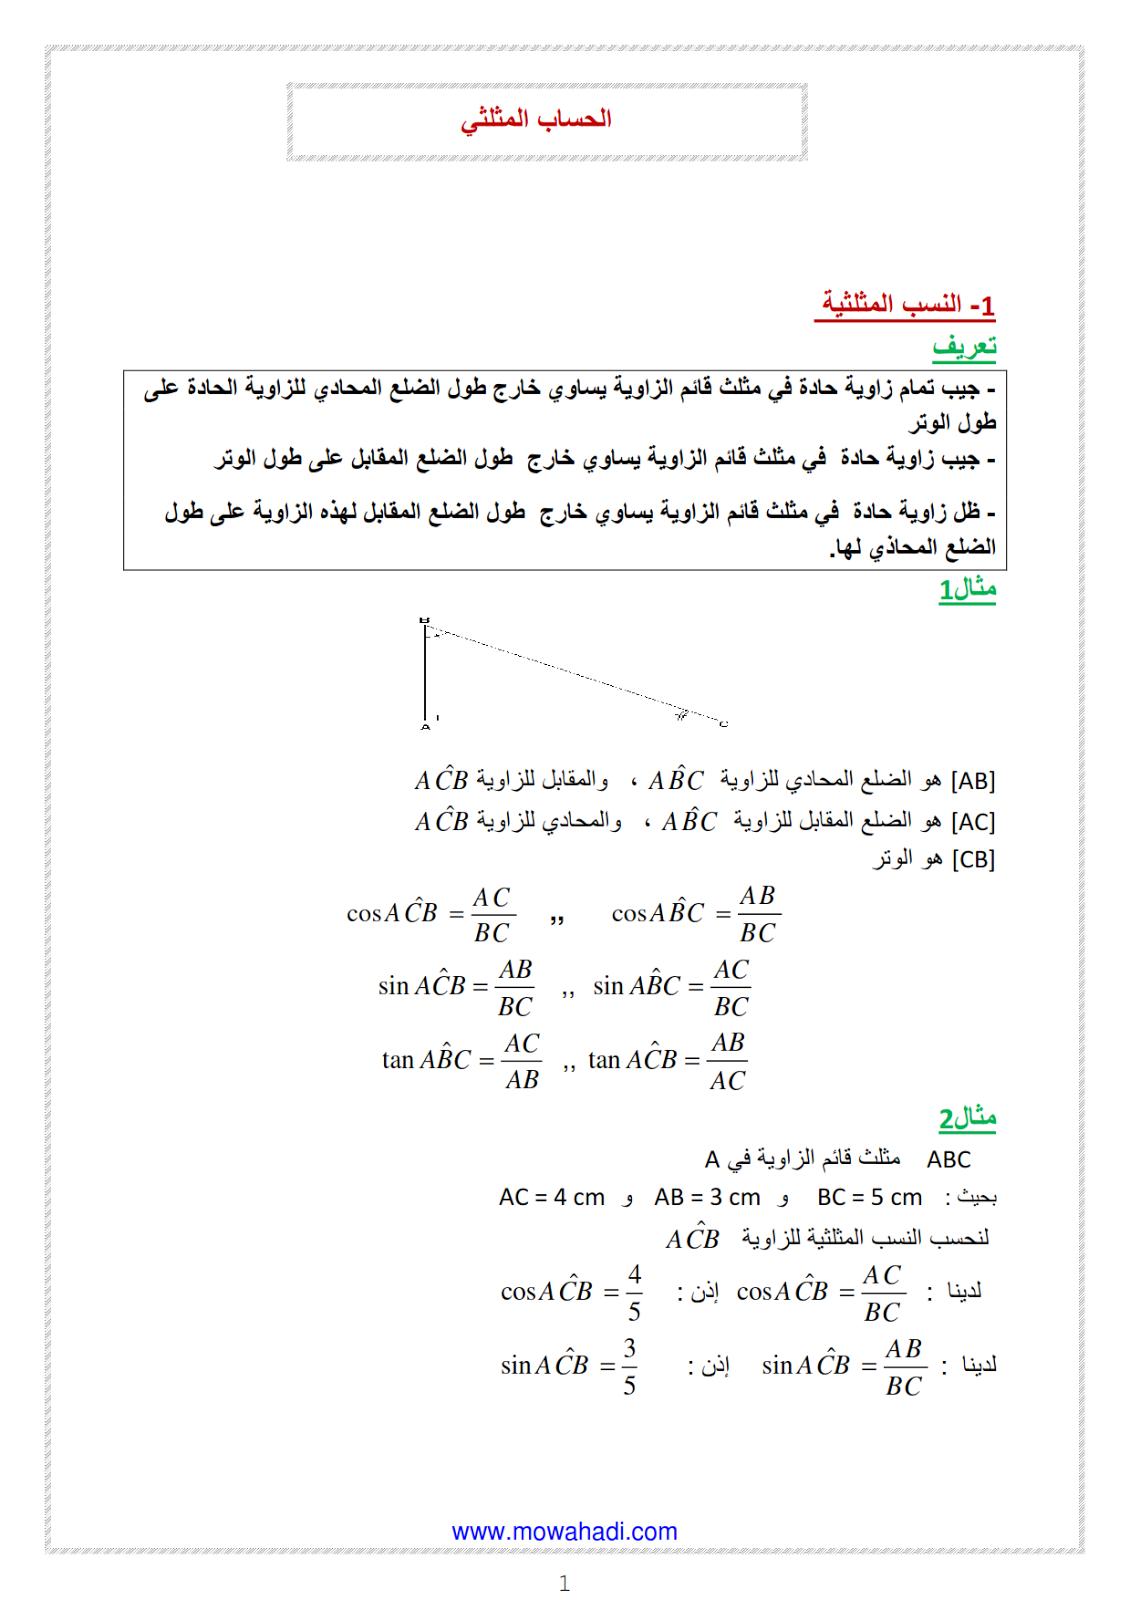 الحساب المثلثي-1